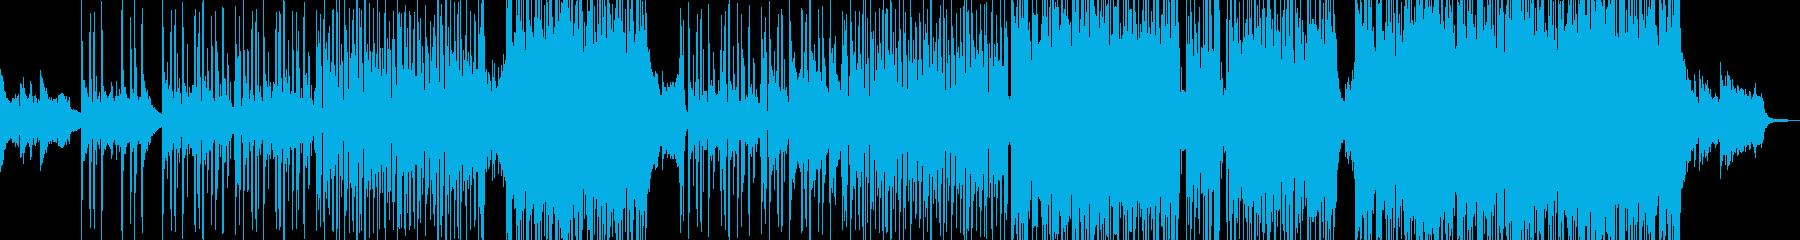 希望・涙を笑顔に R&B・エレキ無 Lの再生済みの波形